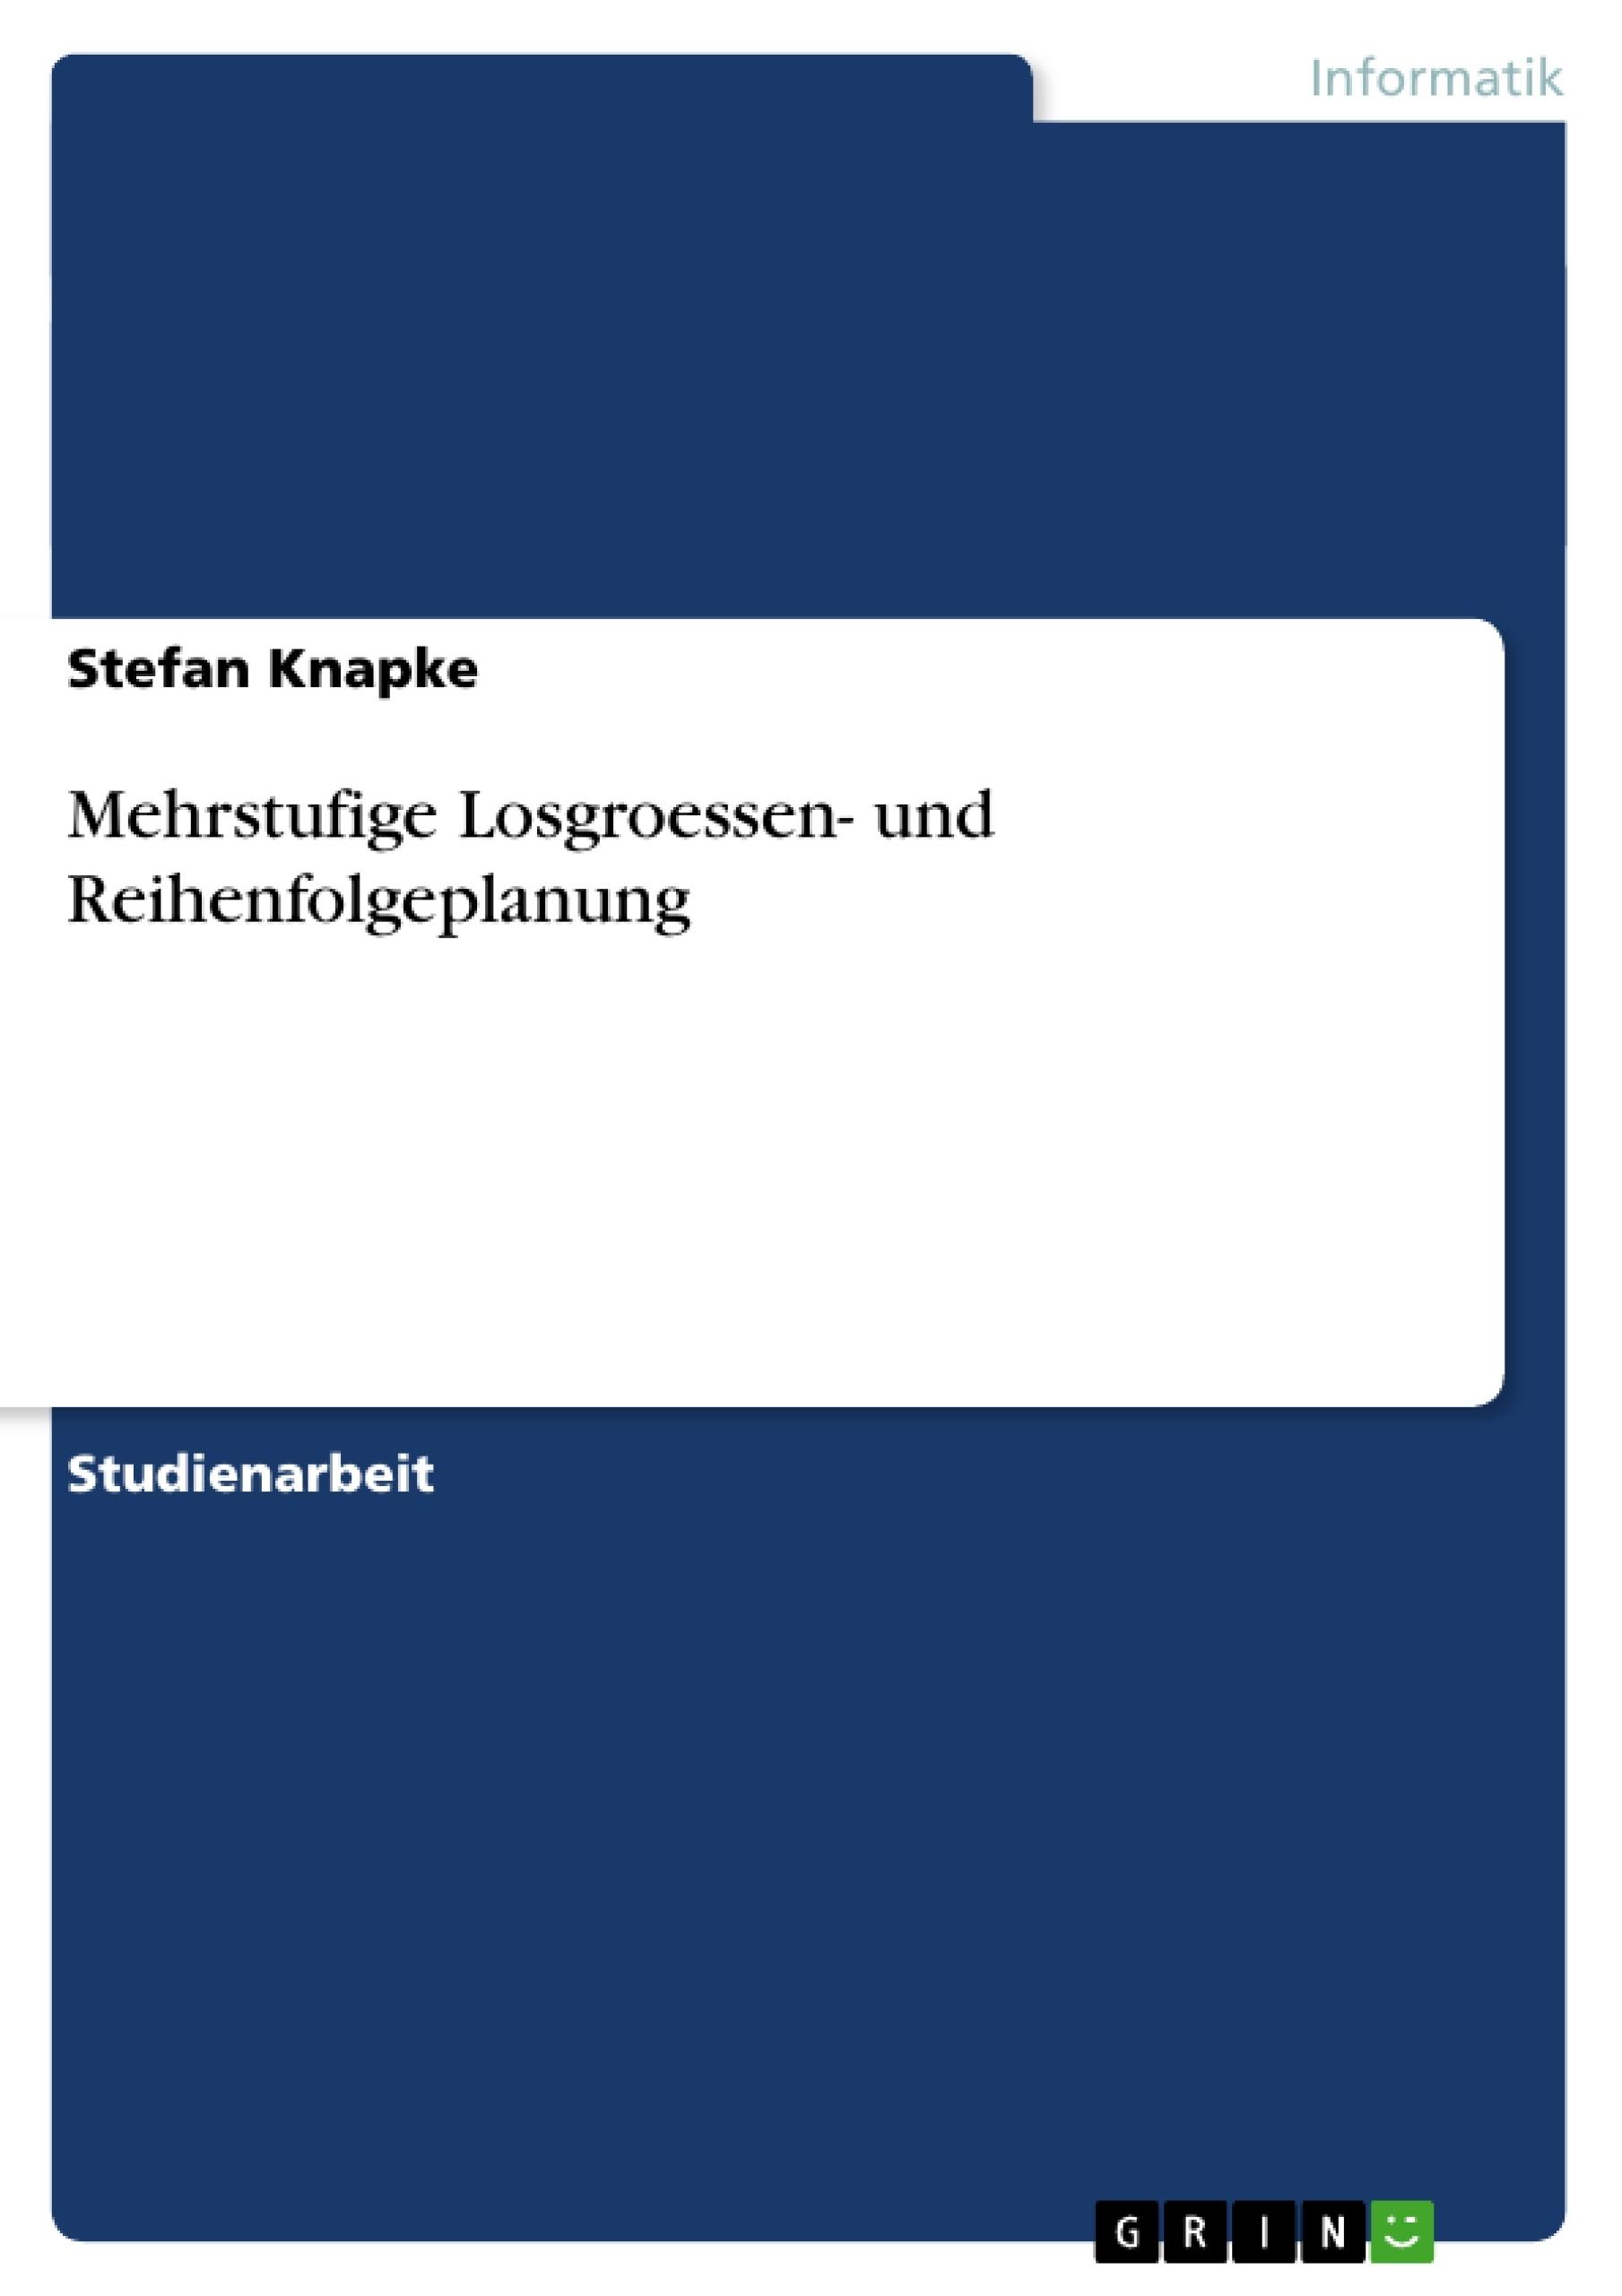 Titel: Mehrstufige Losgroessen- und Reihenfolgeplanung